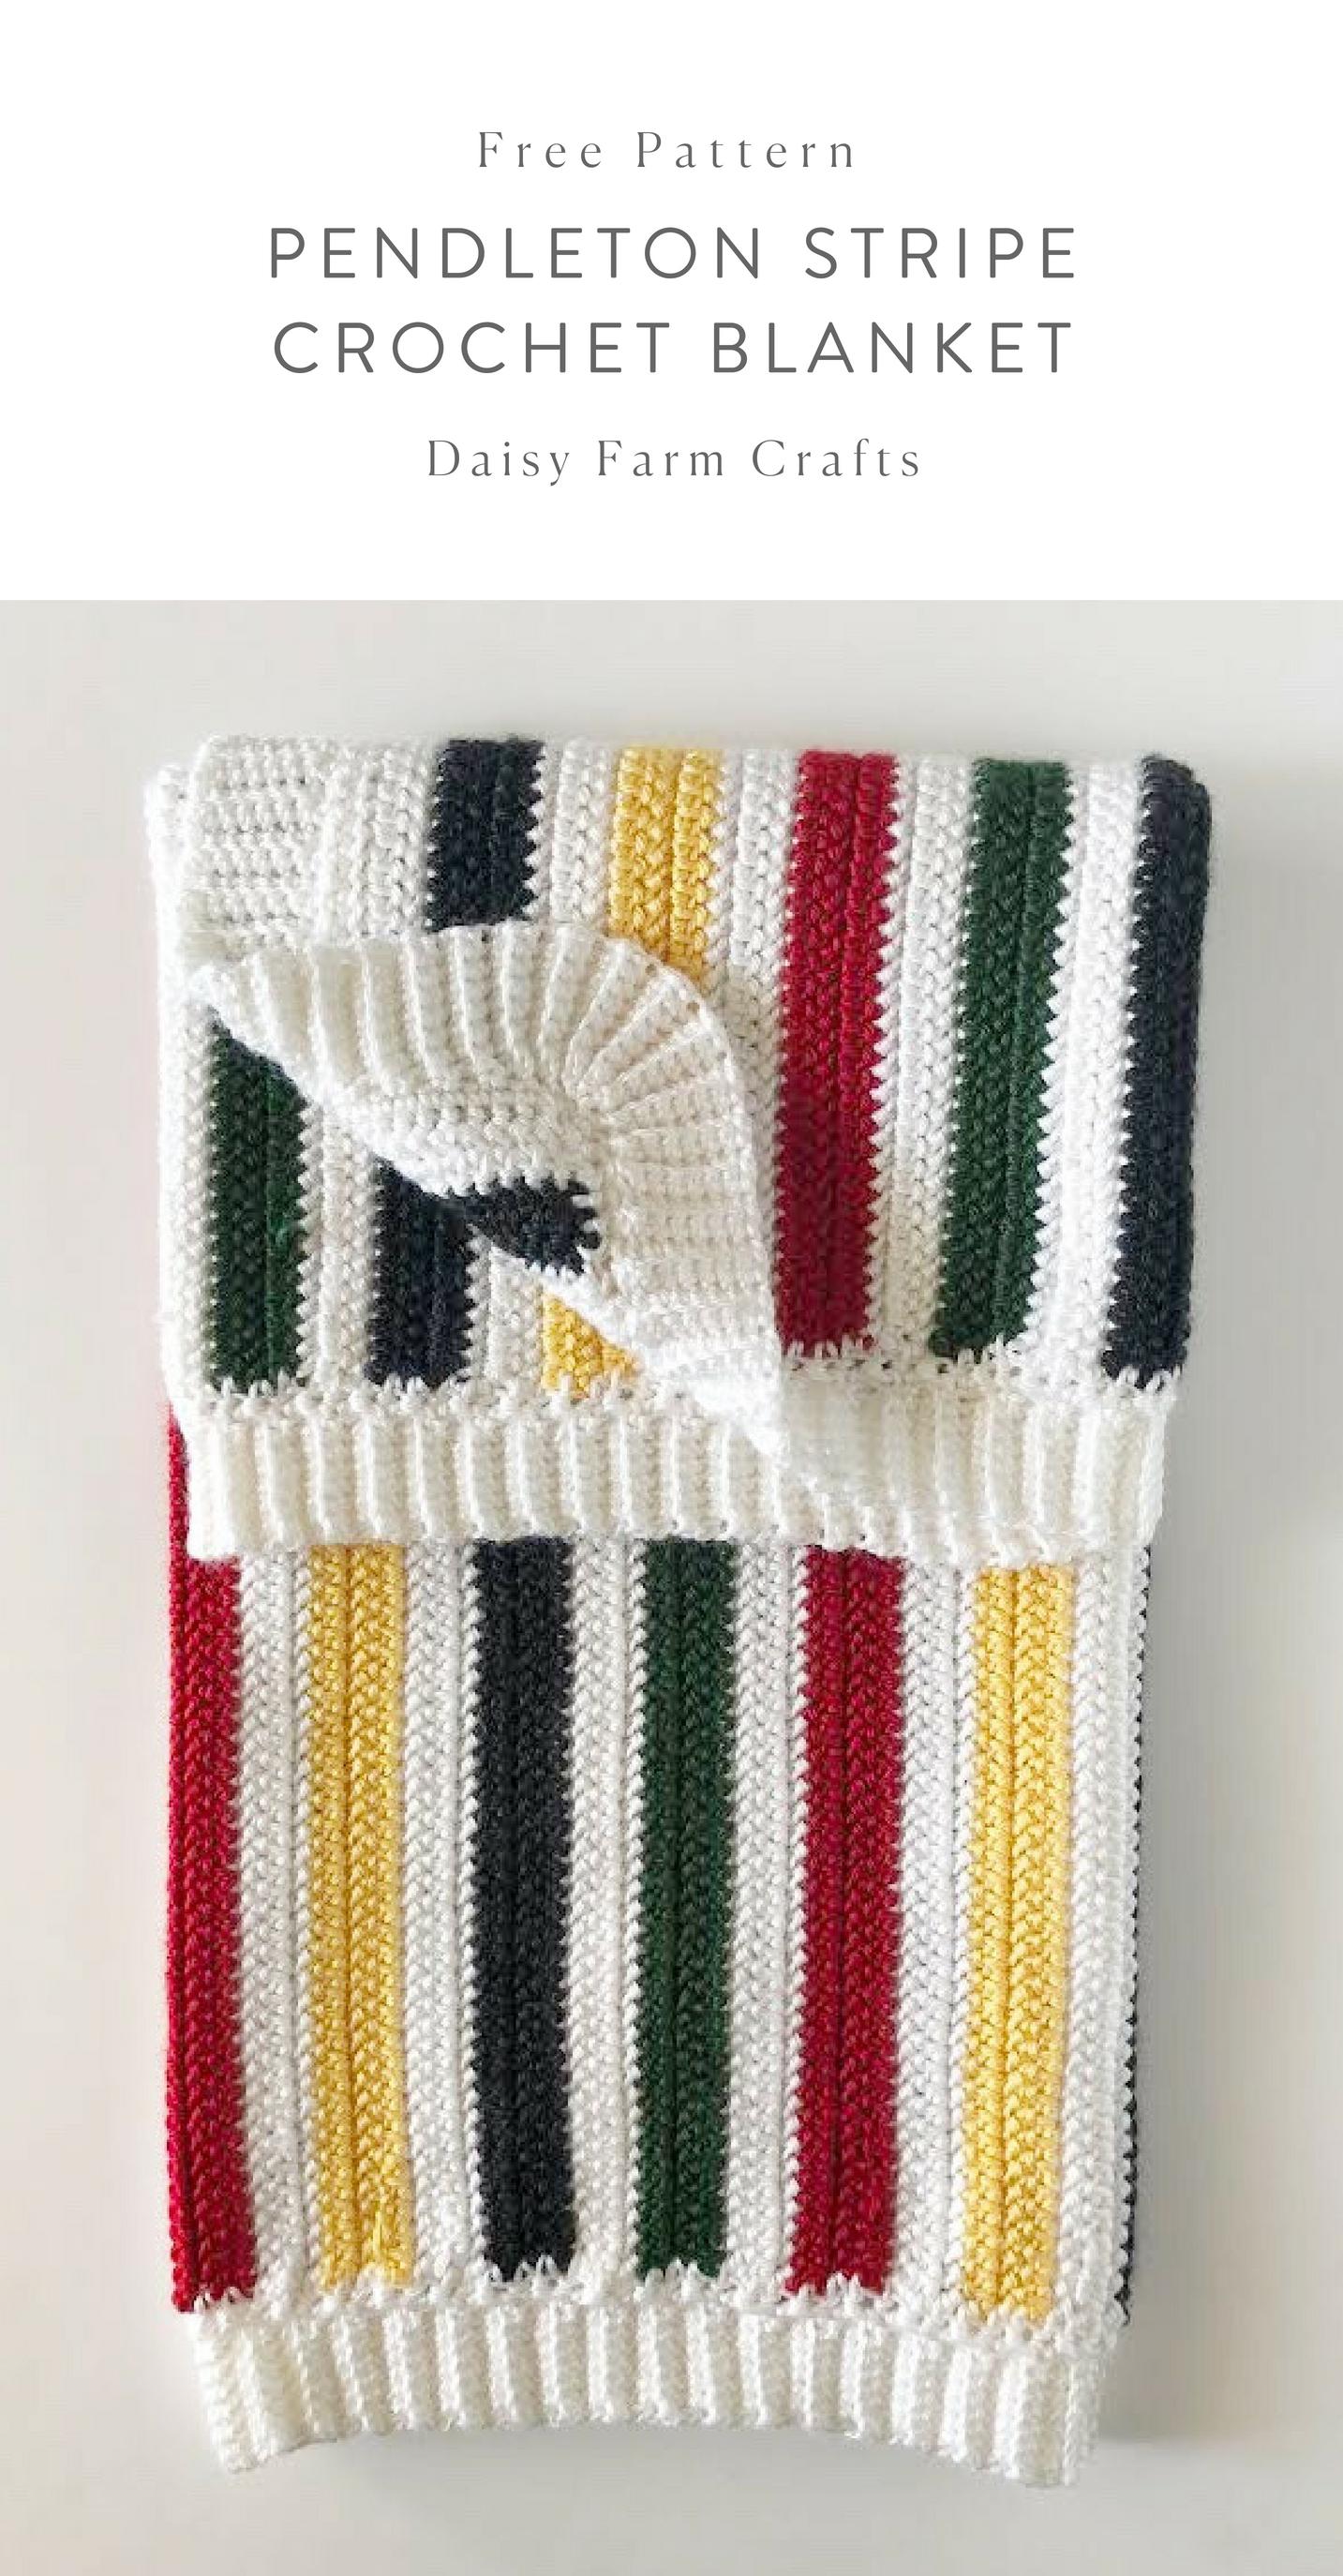 Free Pattern - Pendleton Stripe Crochet Blanket | Hookin\' | Pinterest